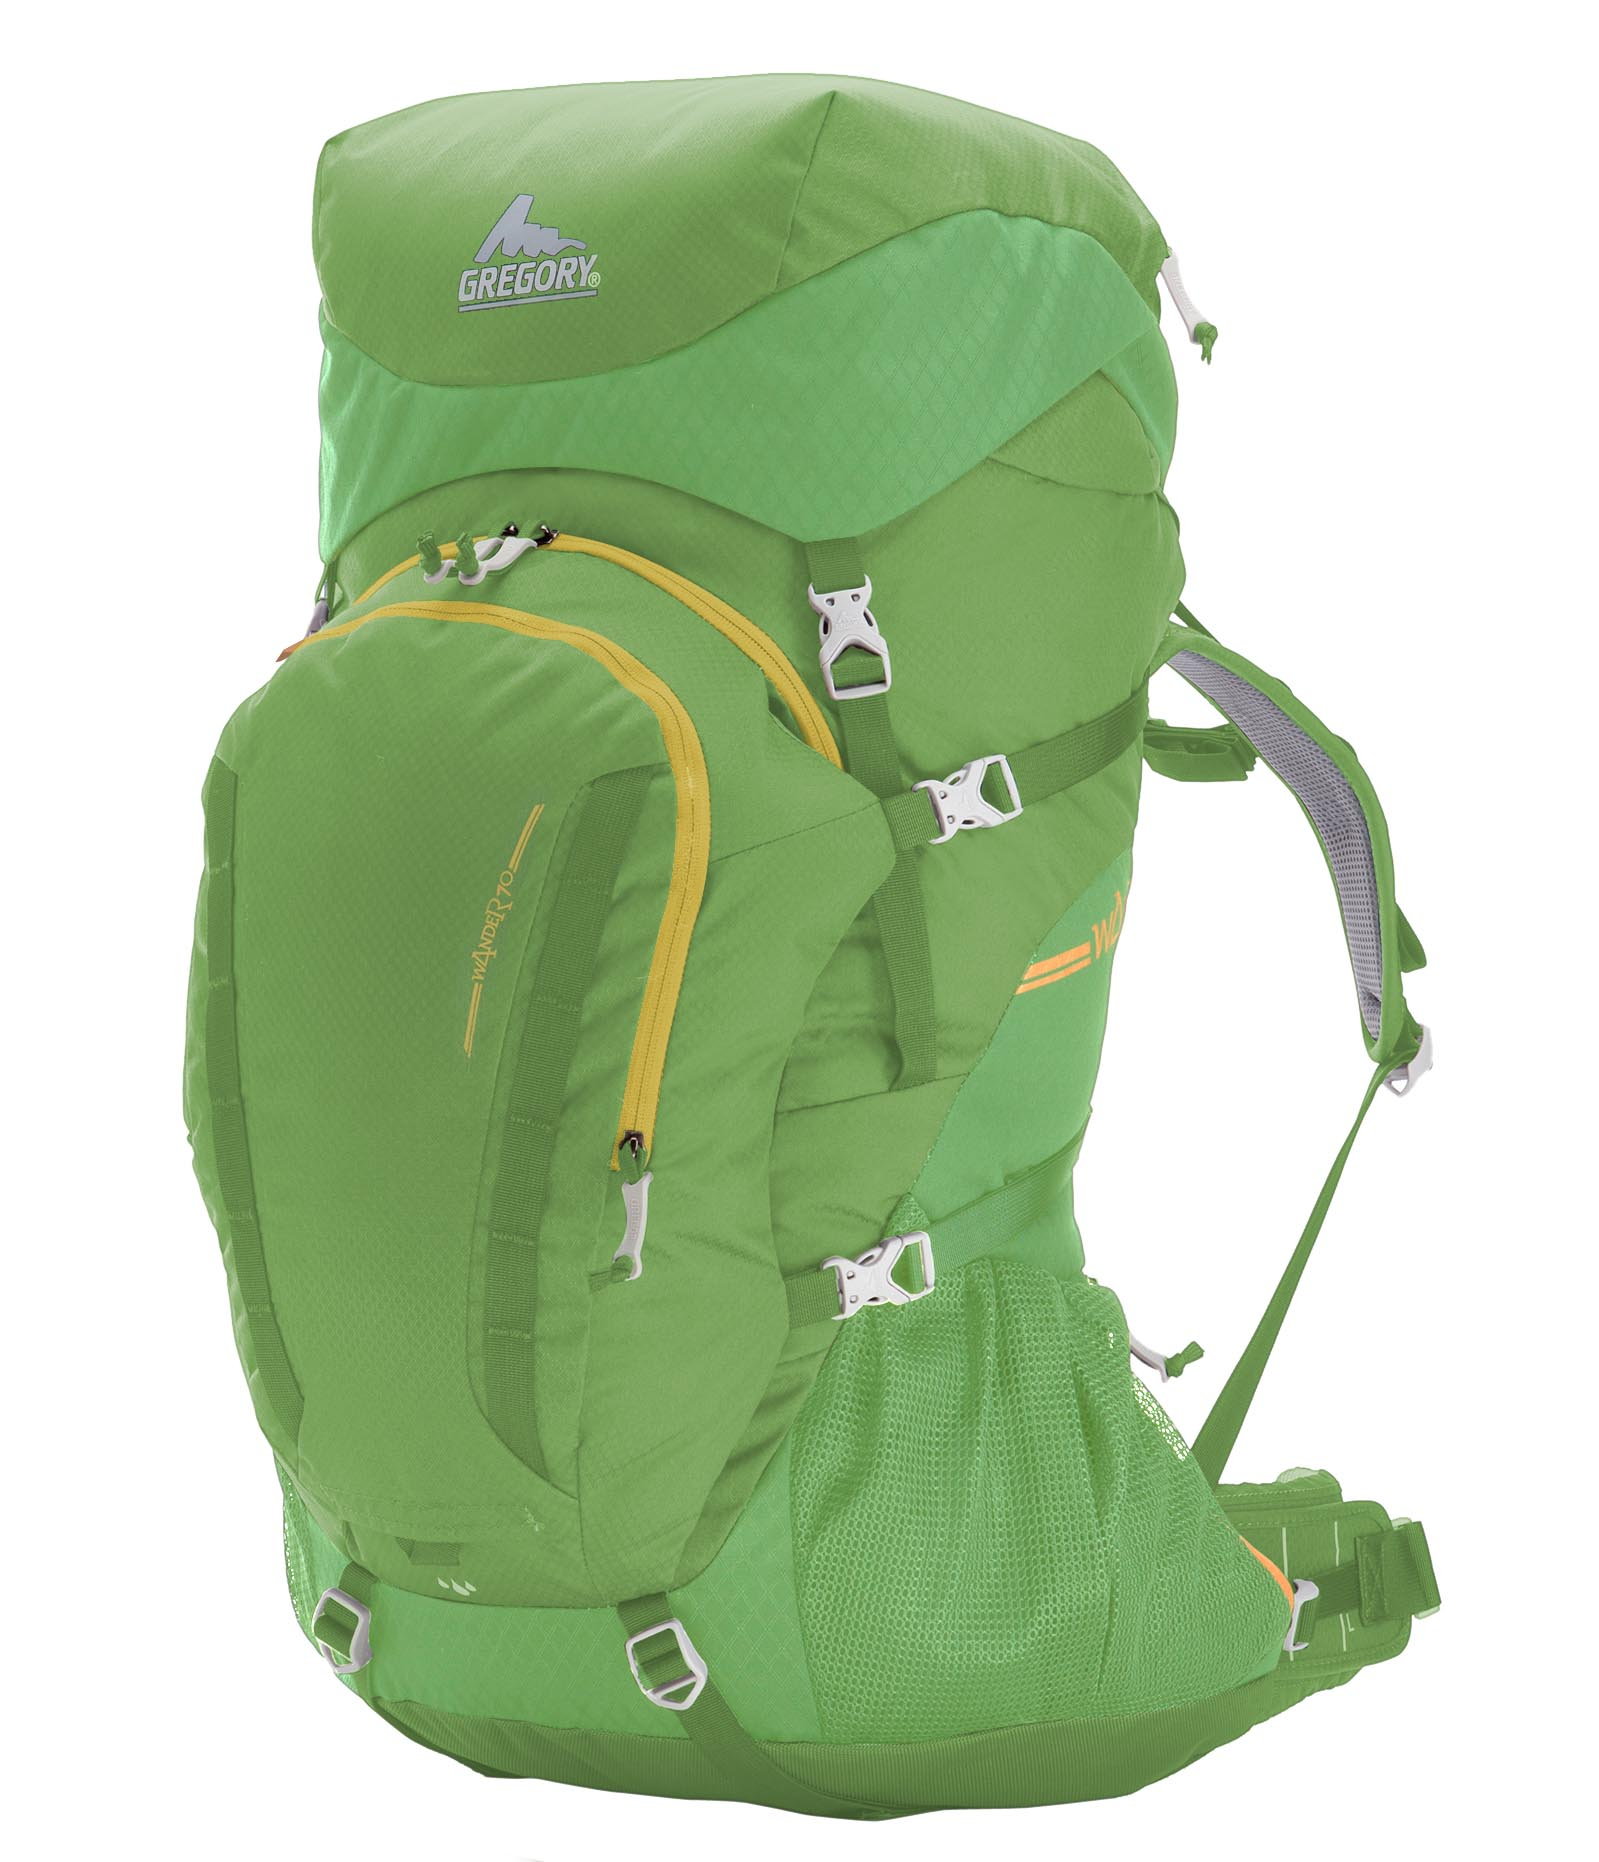 Gregory Wander 70 Chlorophyll Green-30